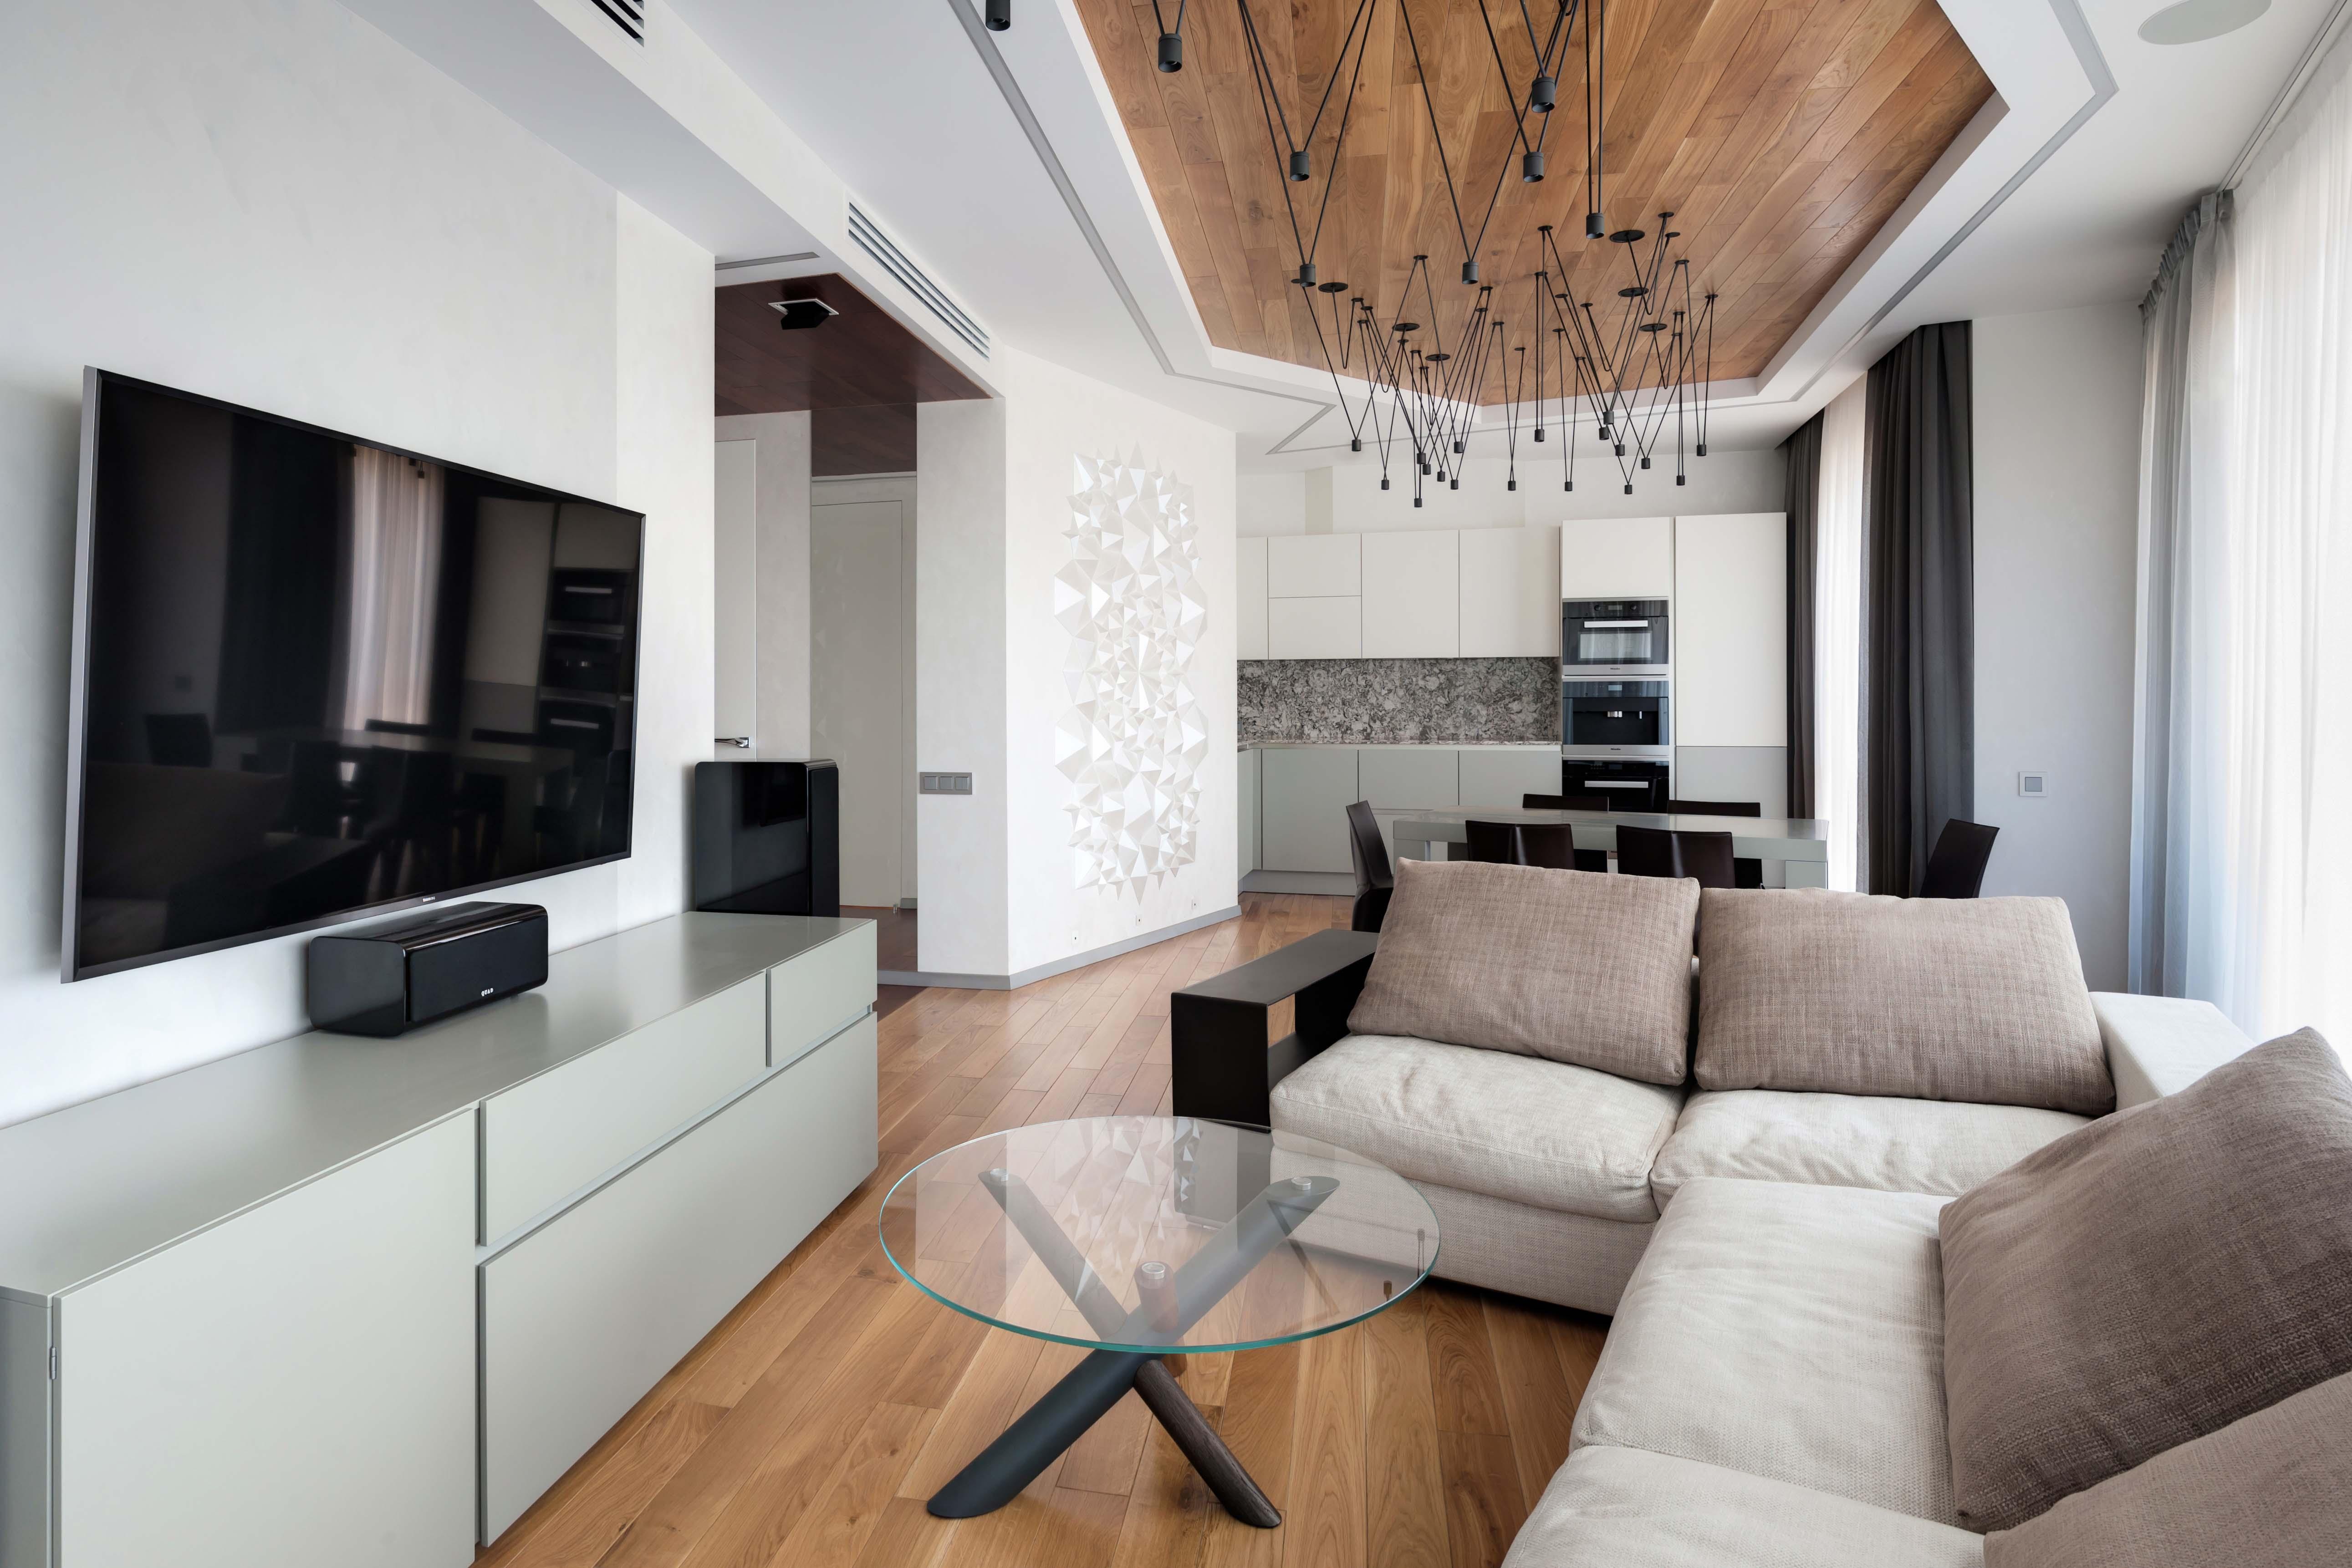 camelia_livingroom_22(1)